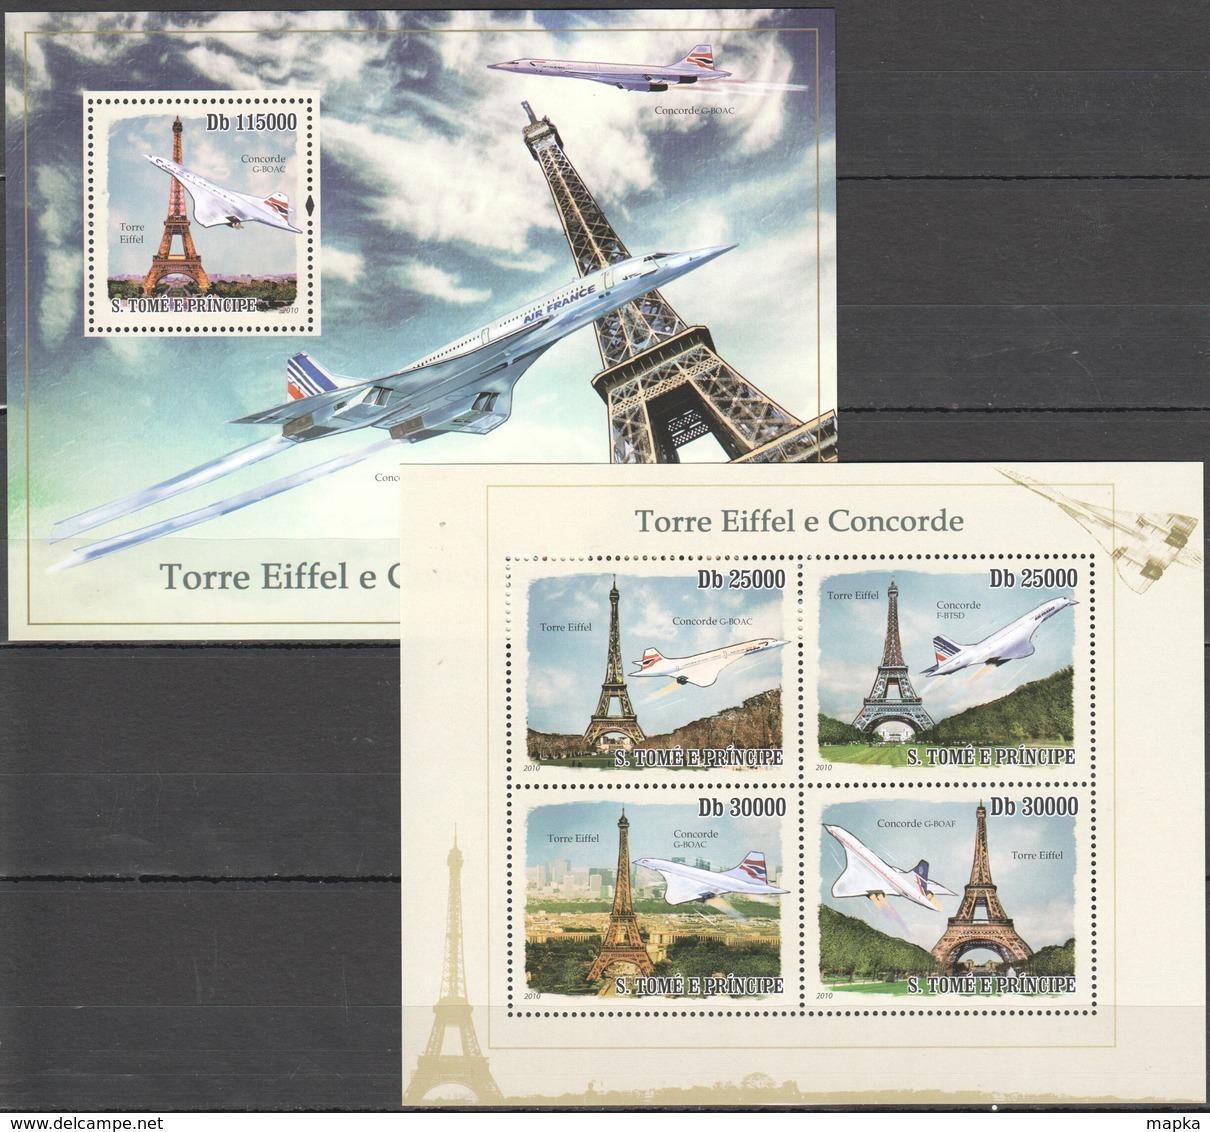 BC843 2010 S.TOME E PRINCIPE AVIATION ARCHITECTURE TOUR EIFFEL CONCORDE 1KB+1BL MNH - Concorde